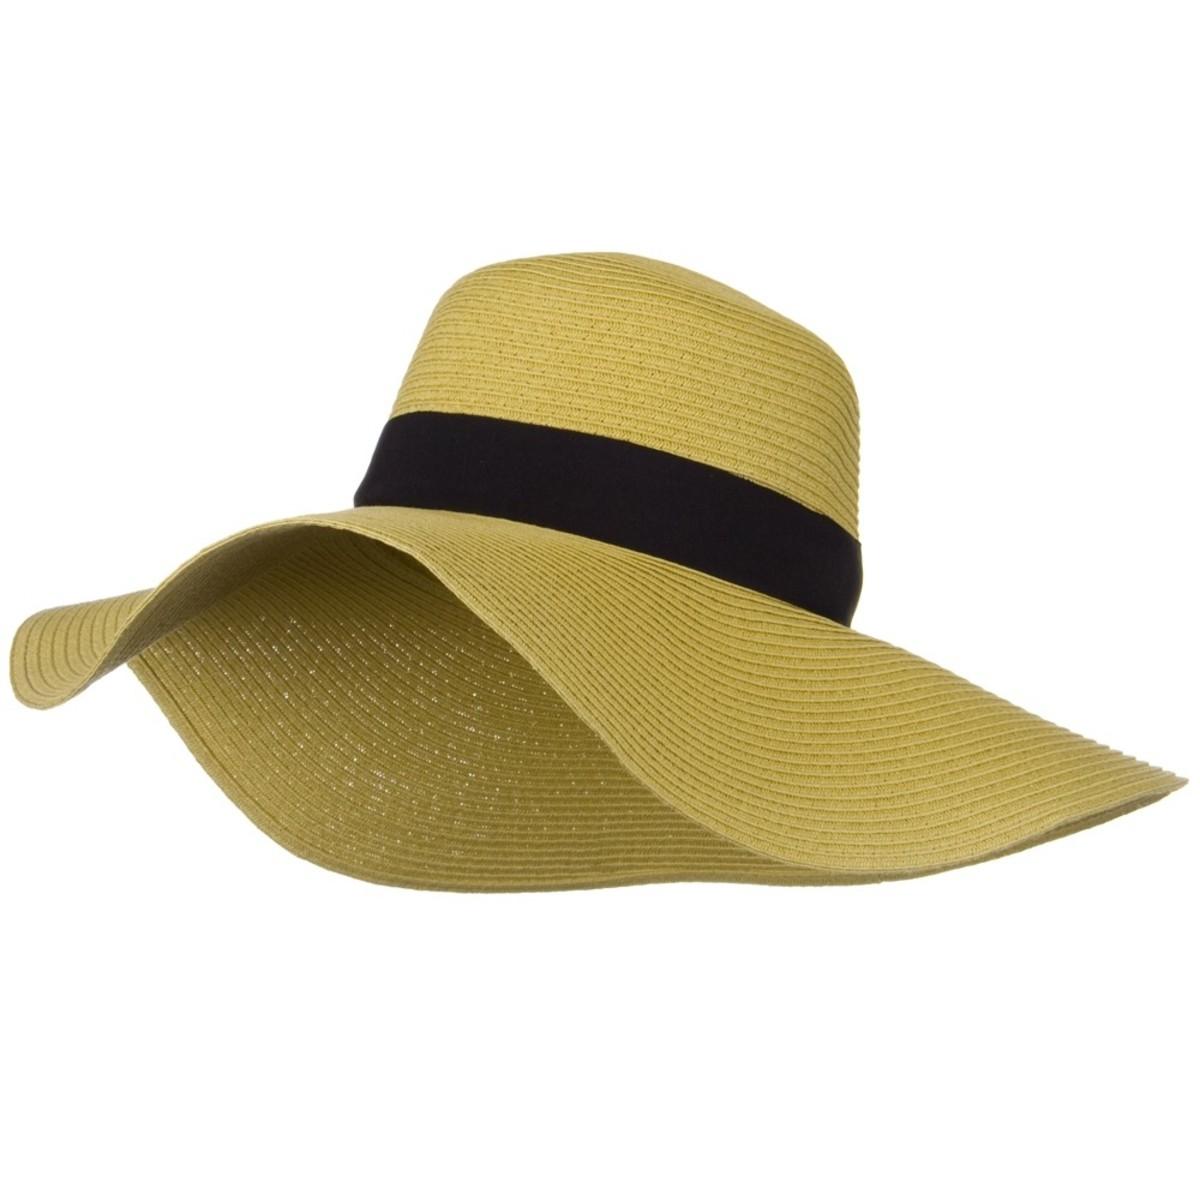 Wide -rimmed hat